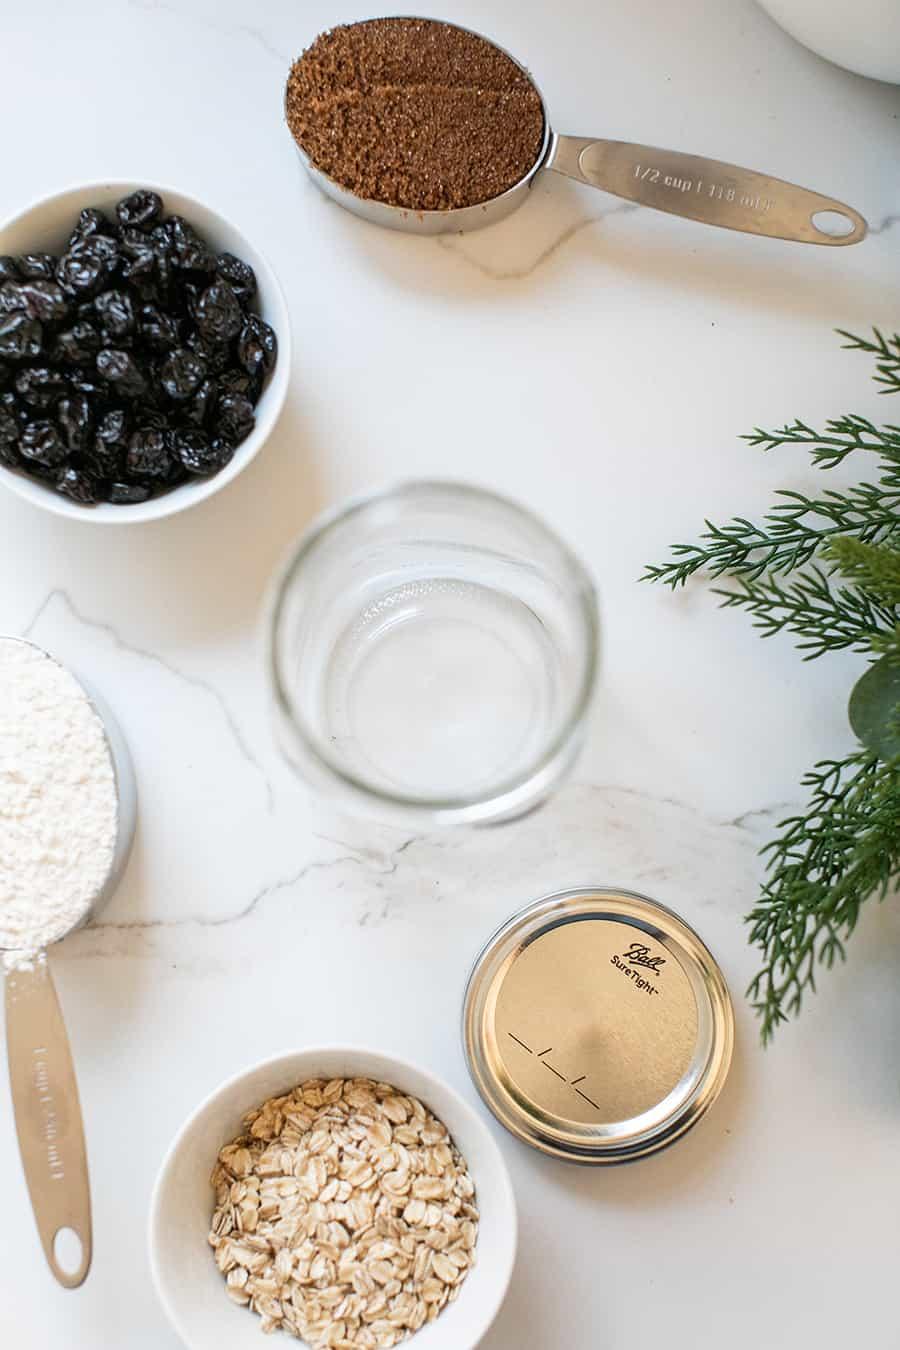 Ingredients to make cookies in a jar.